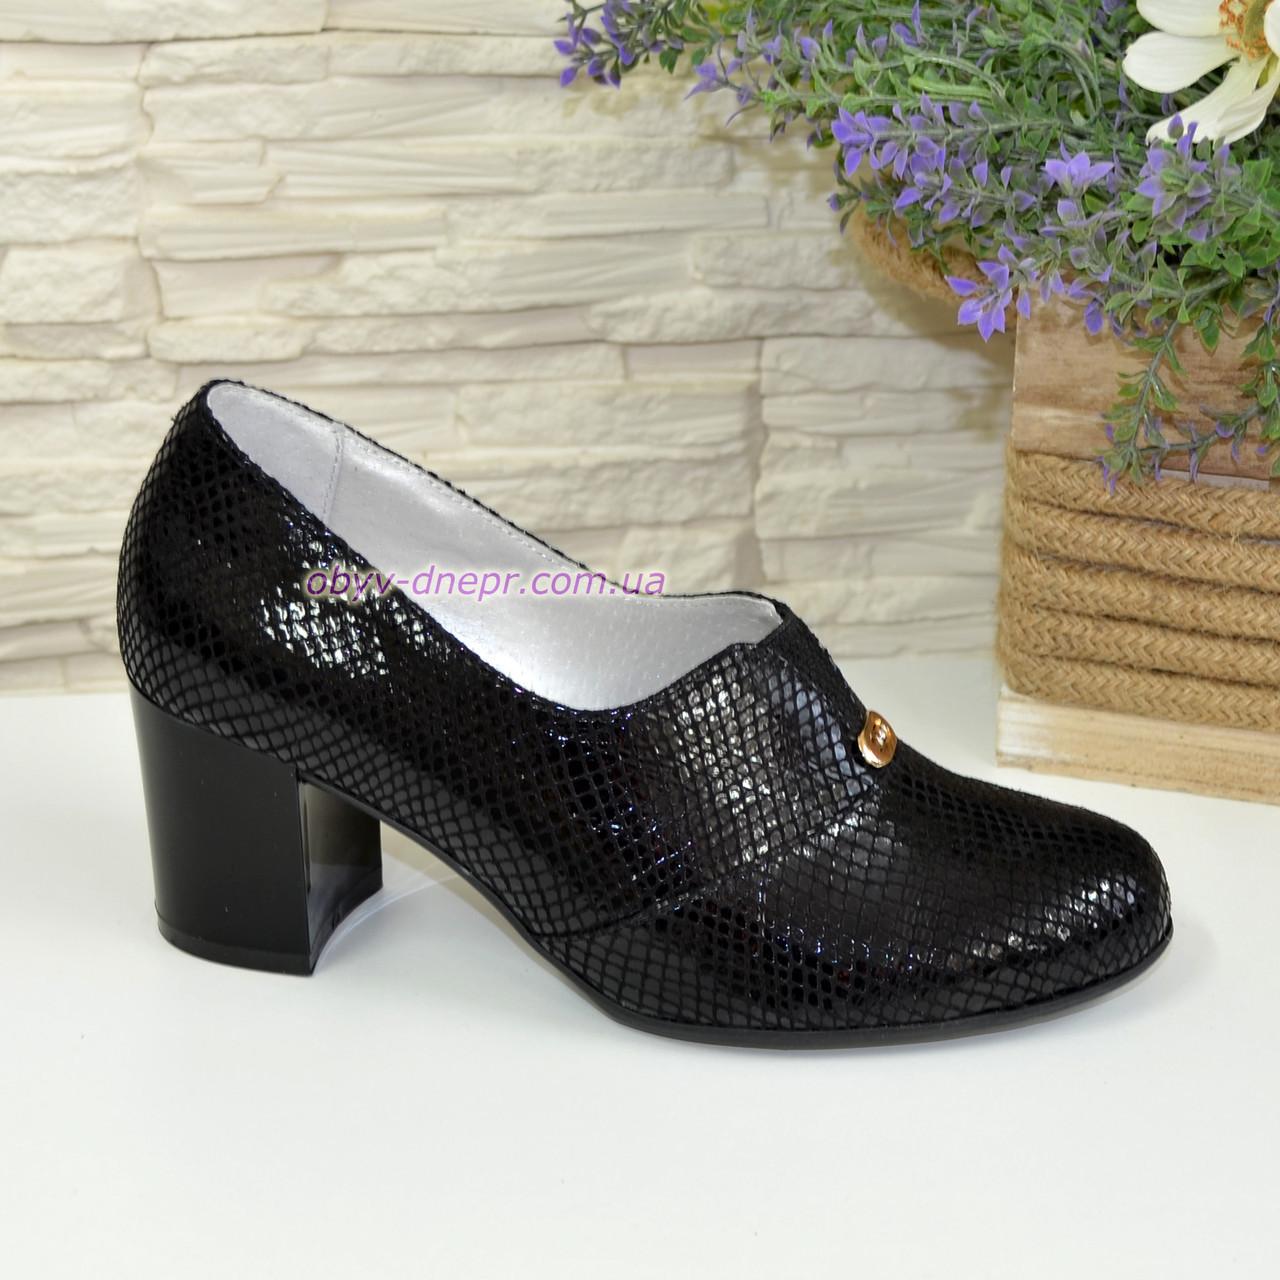 Туфли женские замшевые черные на каблуке, с лазерным напылением